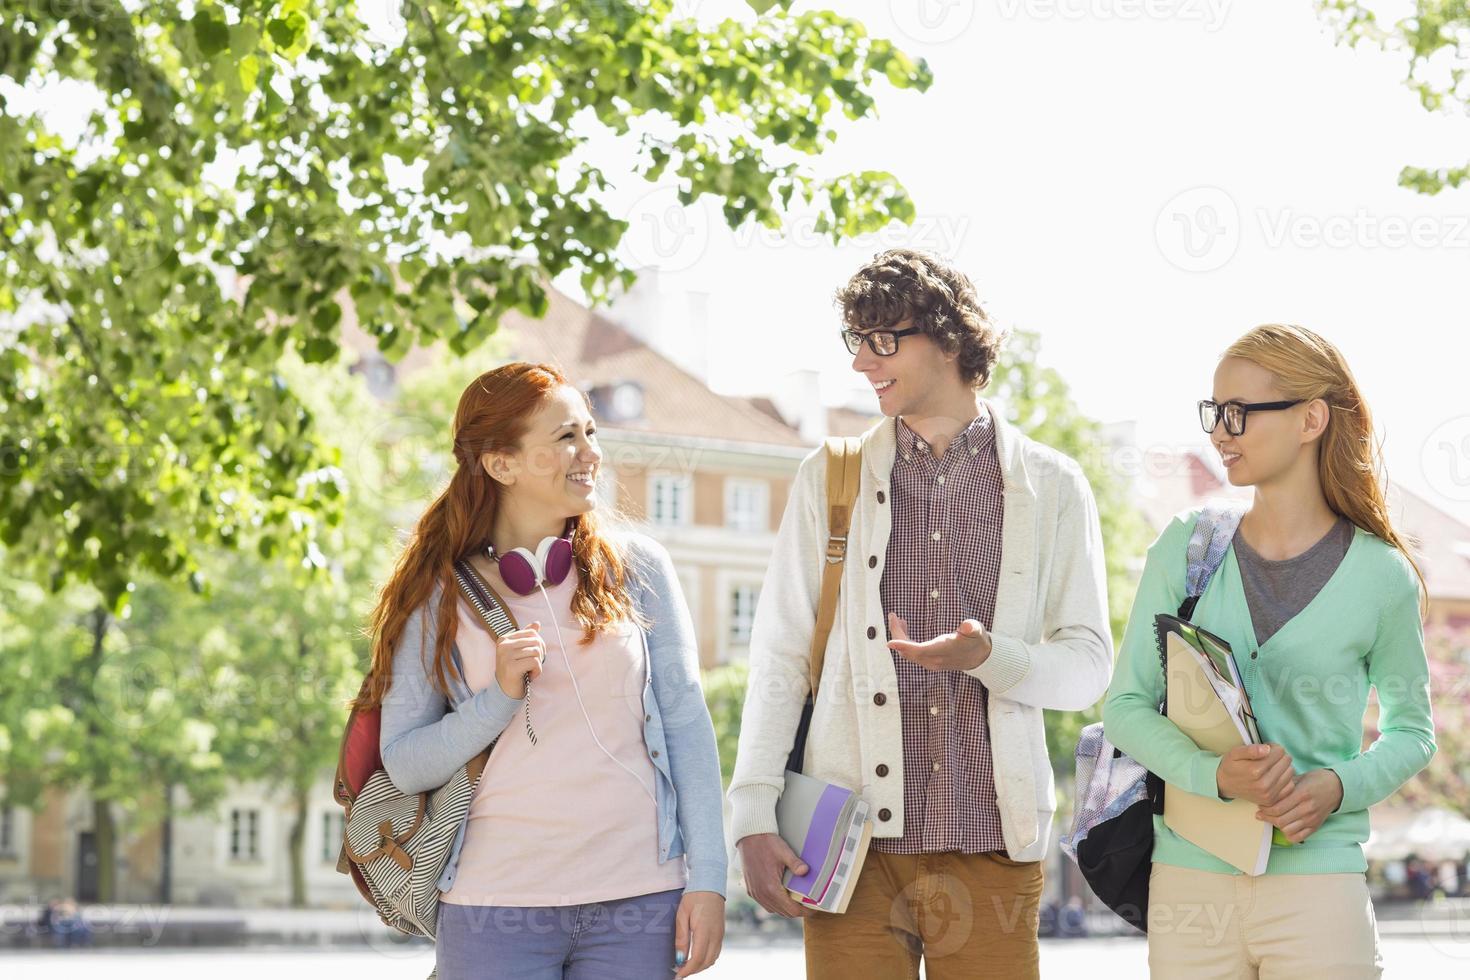 unga högskolestudenter som pratar medan de går på gatan foto